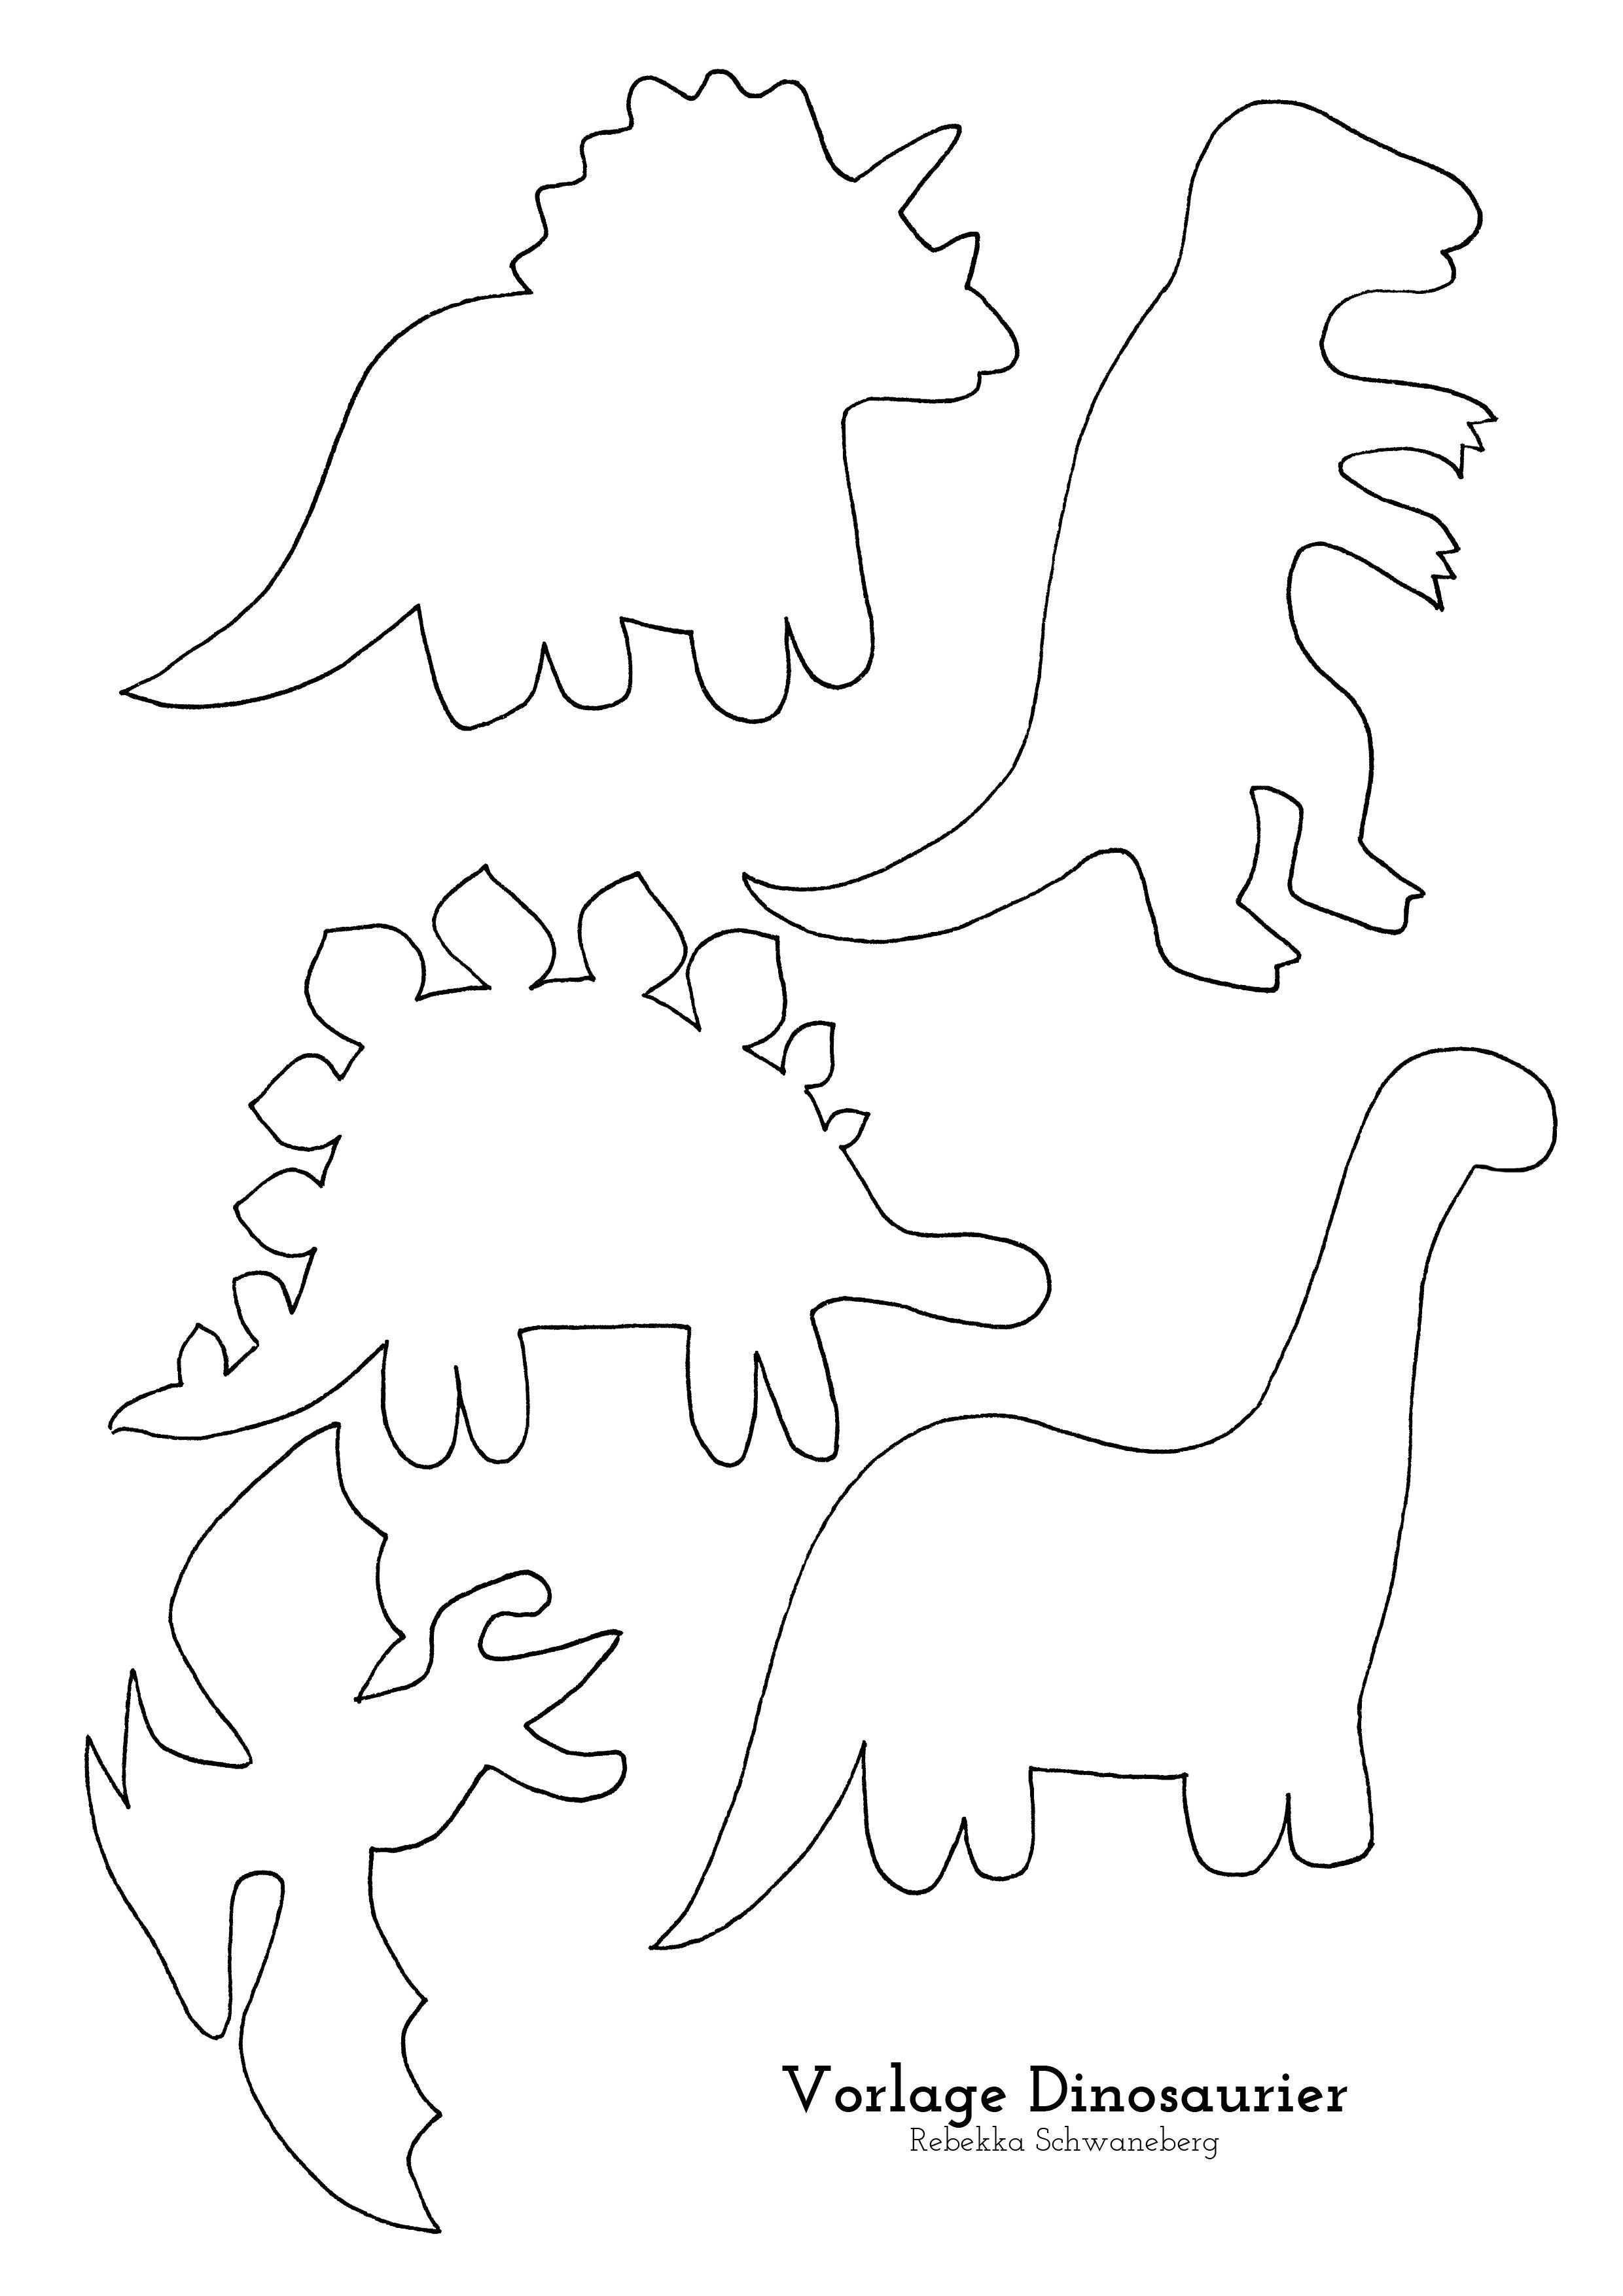 Vorlage Dinosaurier Kostenloser Download Kinder Dinosaurier Dinosaurier Basteln Dinosaurier